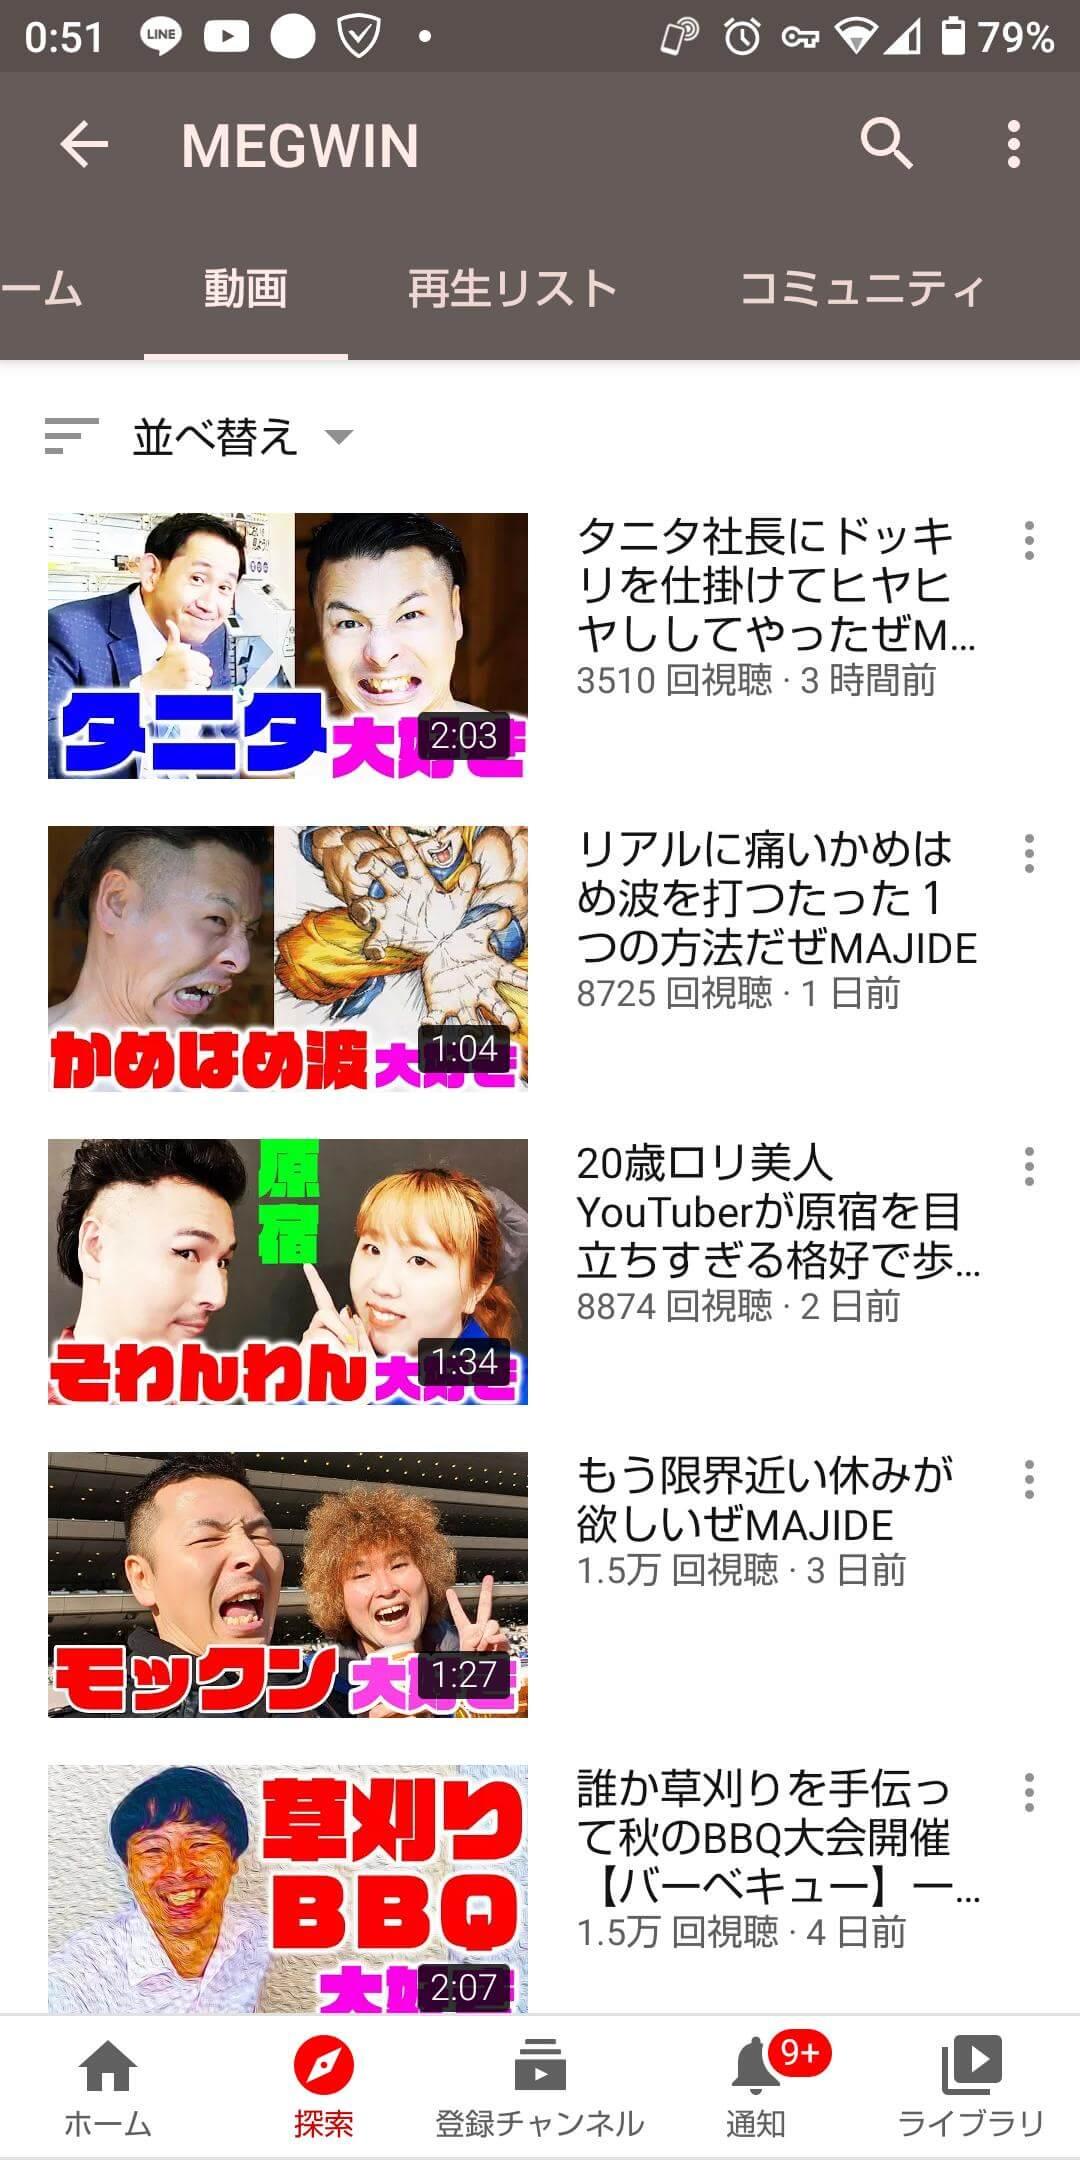 オワコン】MEGWINTV、逝く : 大物Youtuber速報